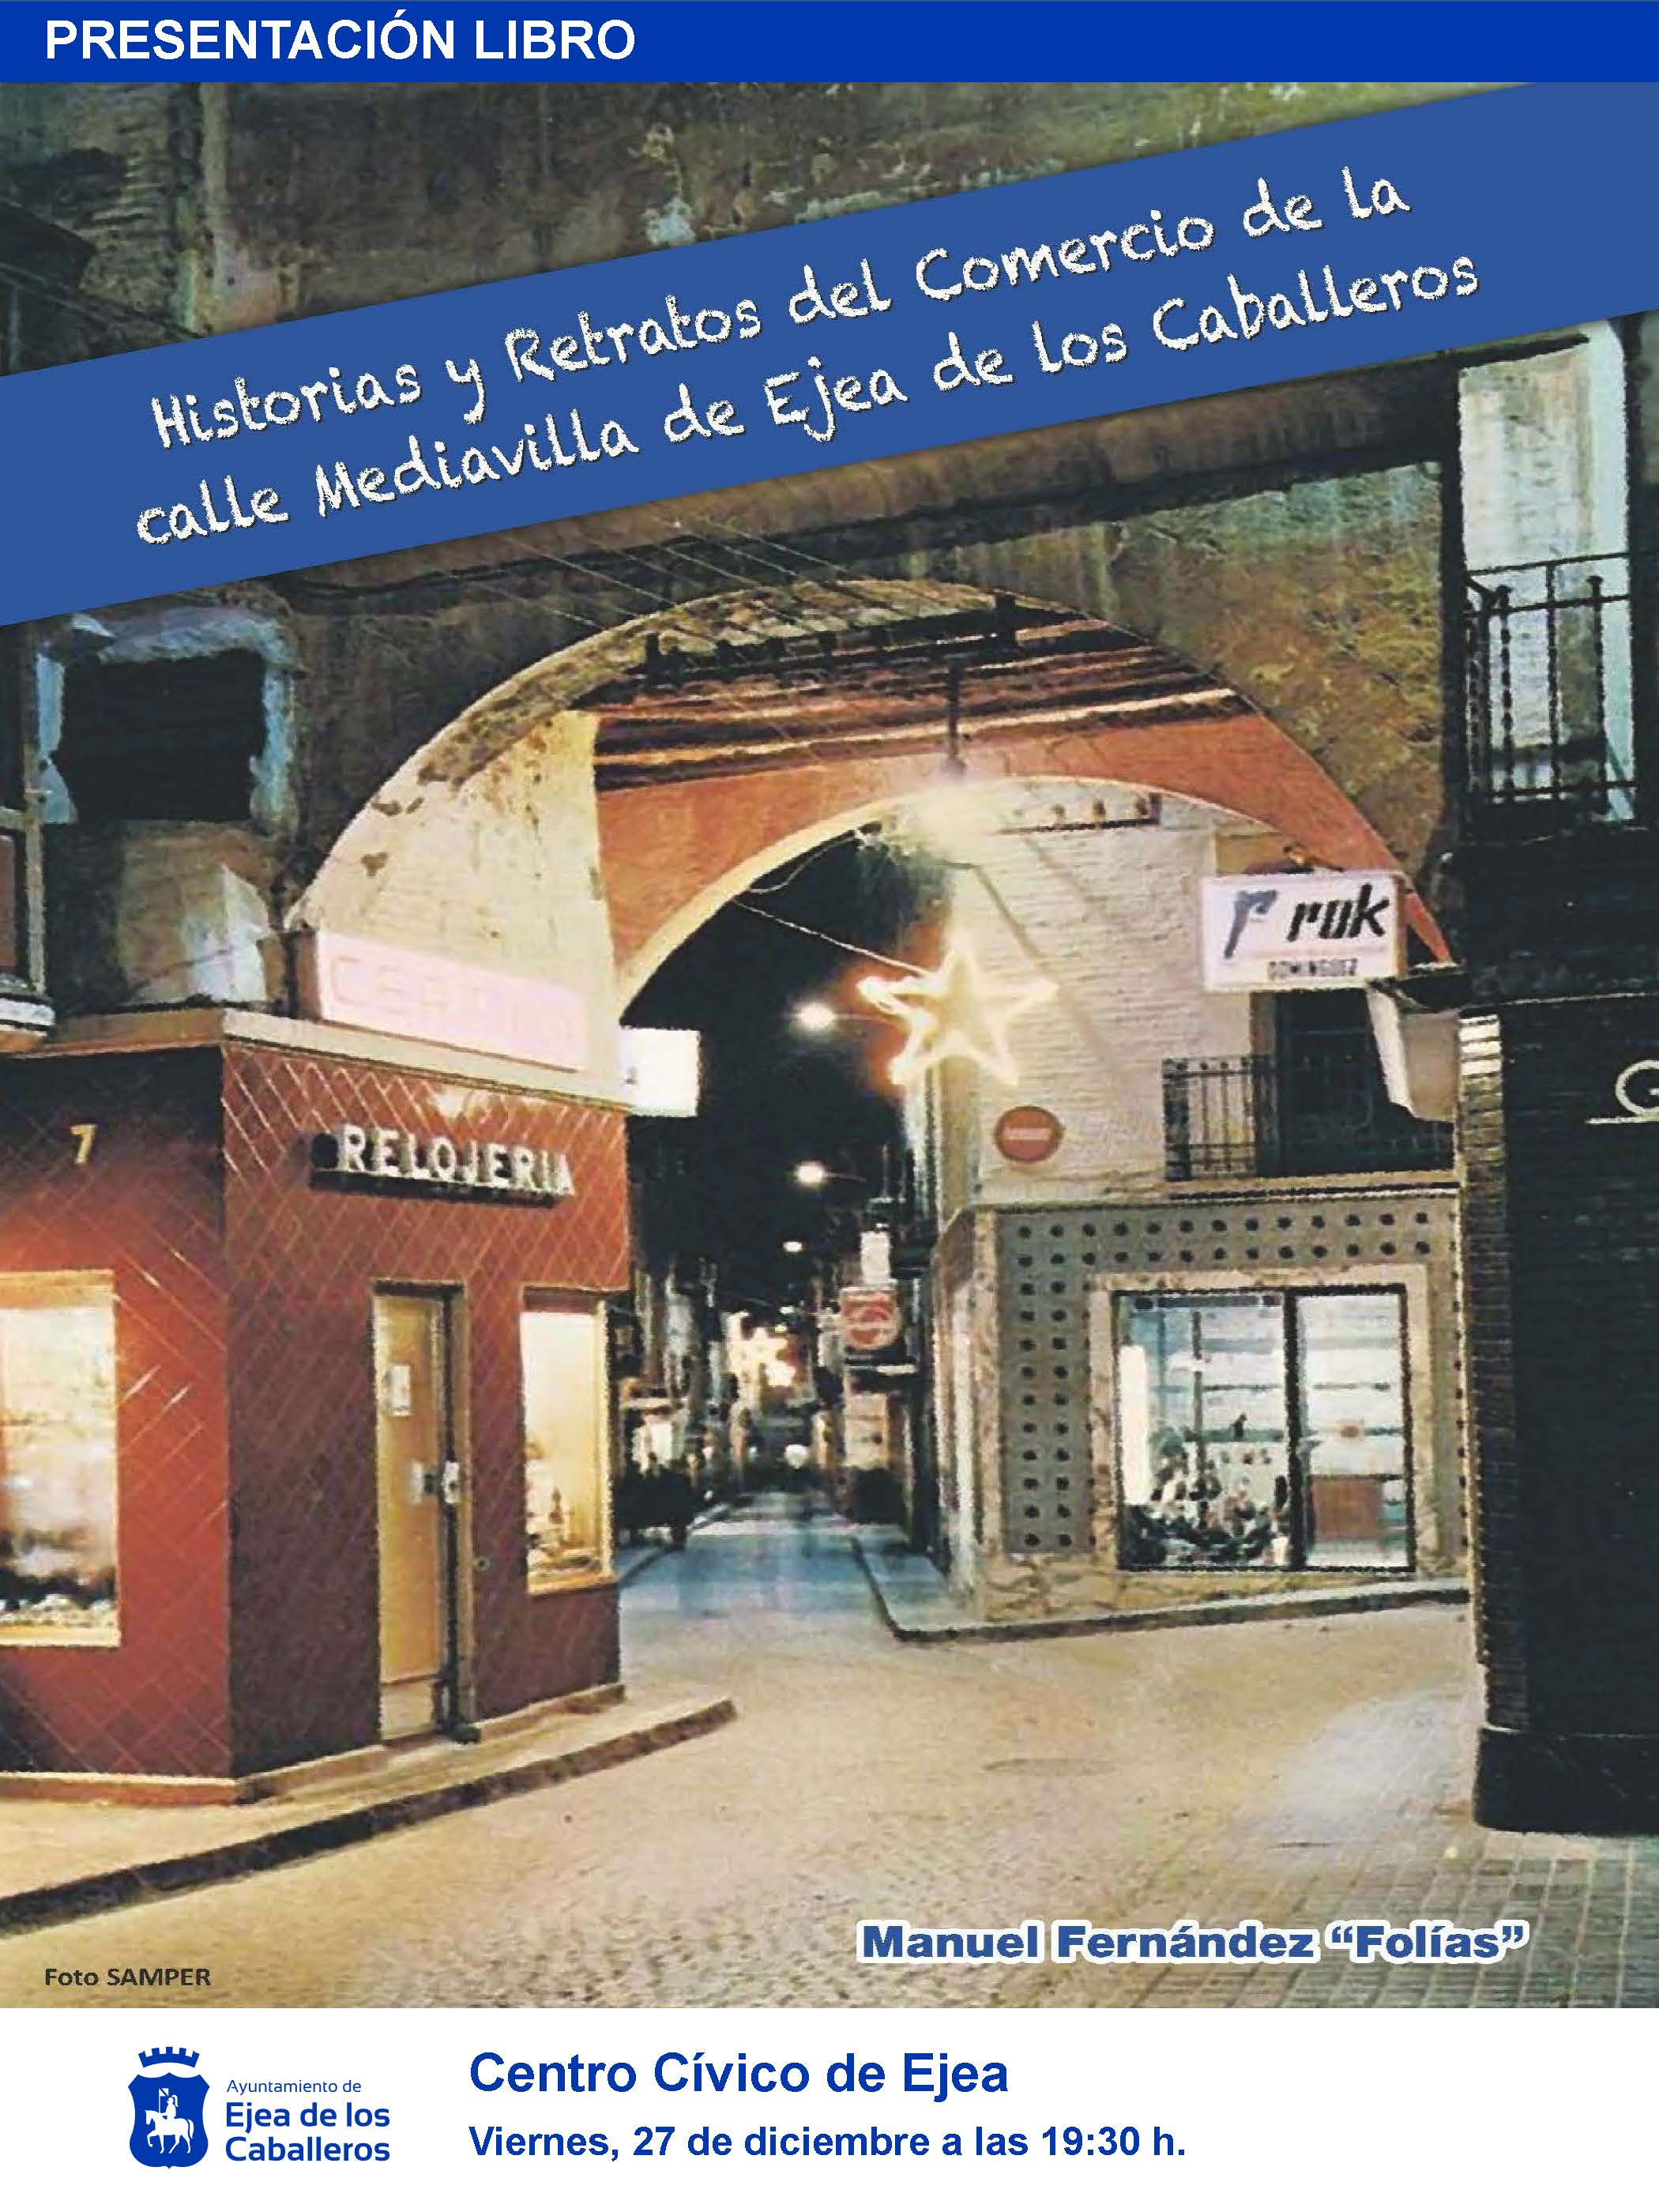 Manuel Fernández «Folías» presenta un libro sobre el comercio de la calle Mediavilla durante los últimos 80 años